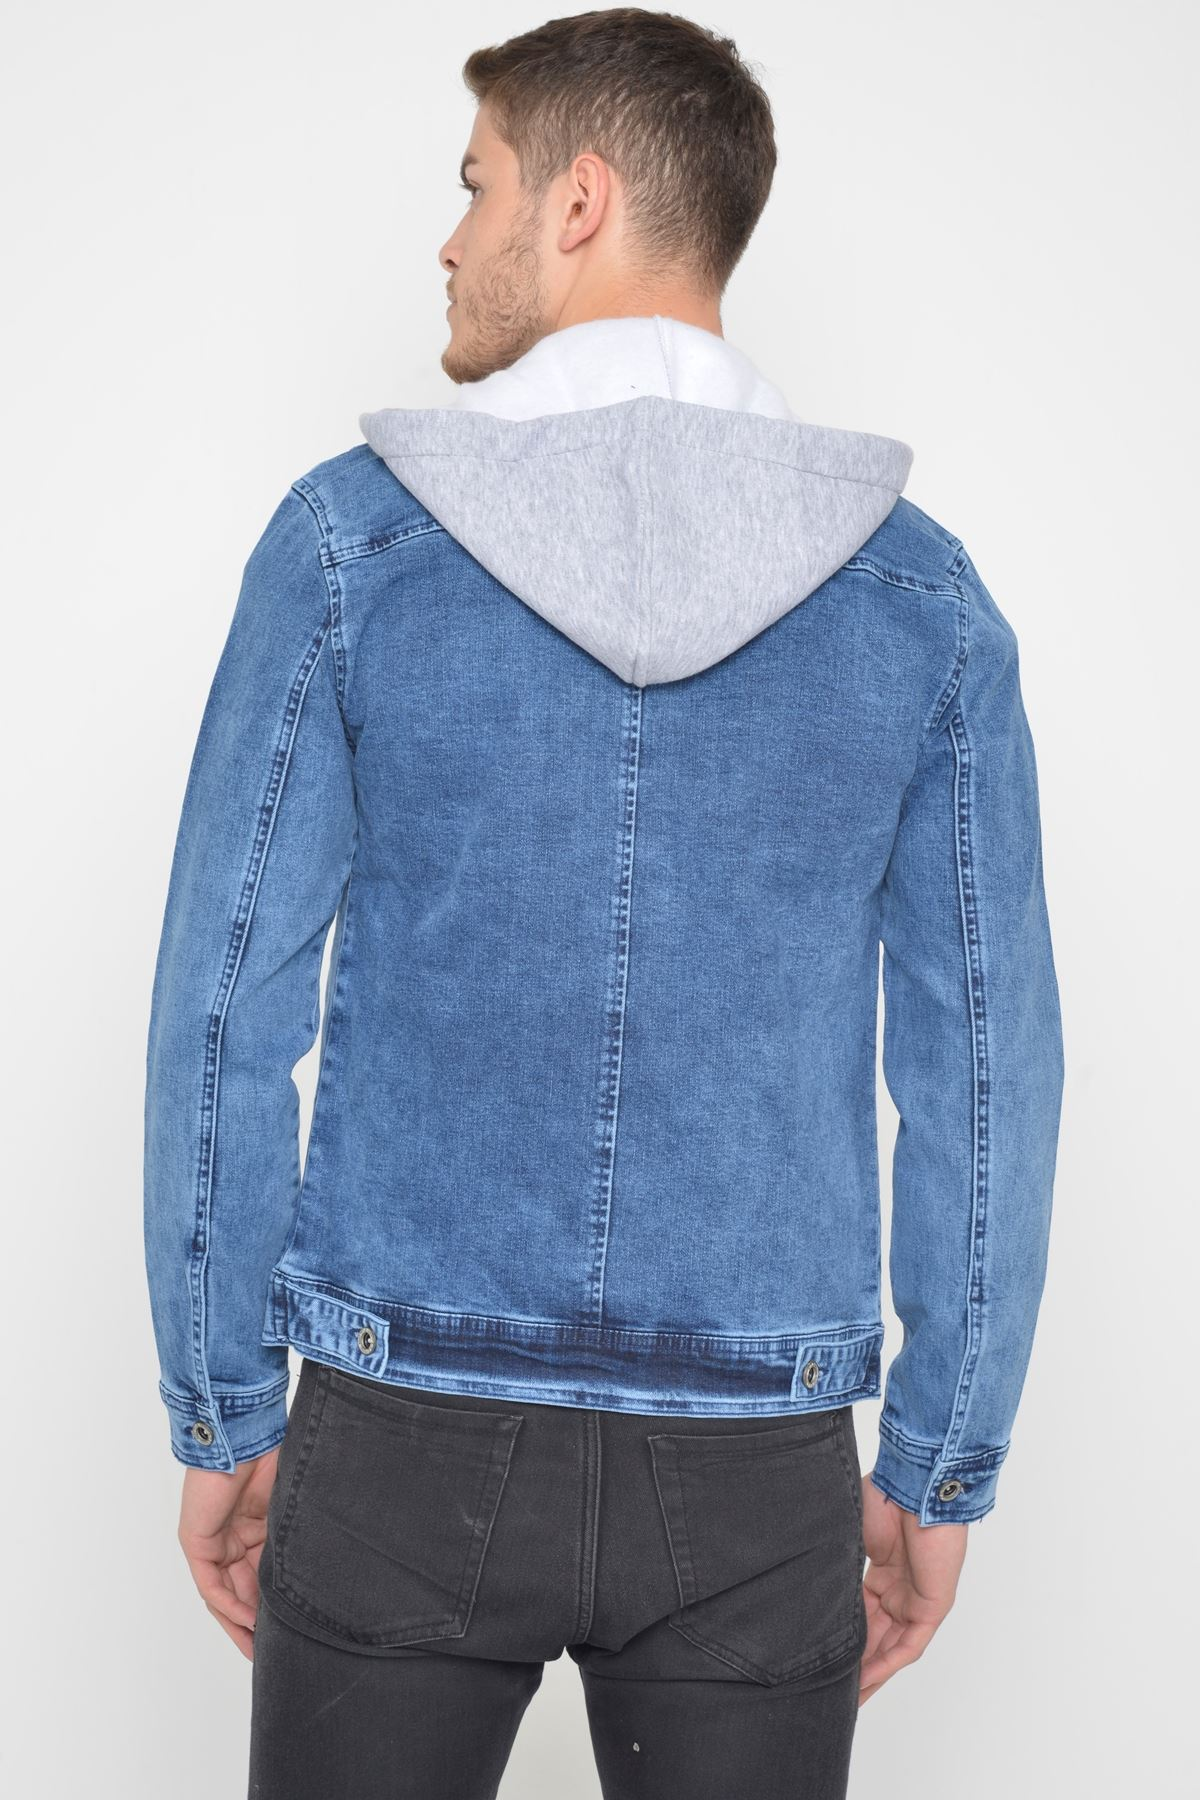 Erkek Çıkarılabilir Kapüşonlu Random Yıkamalı Mavi Kot Ceket